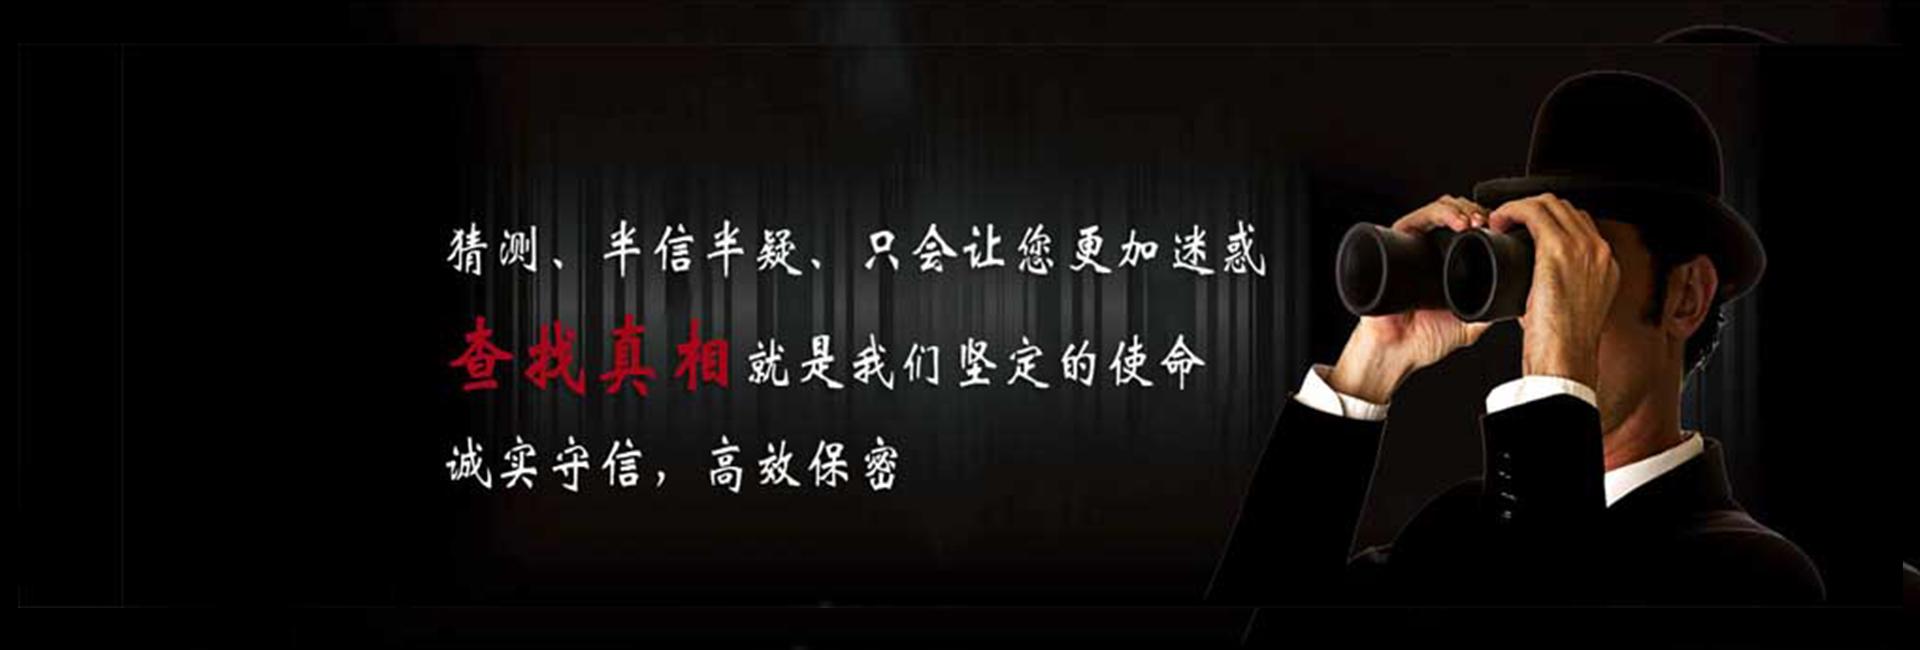 上海外遇调查公司